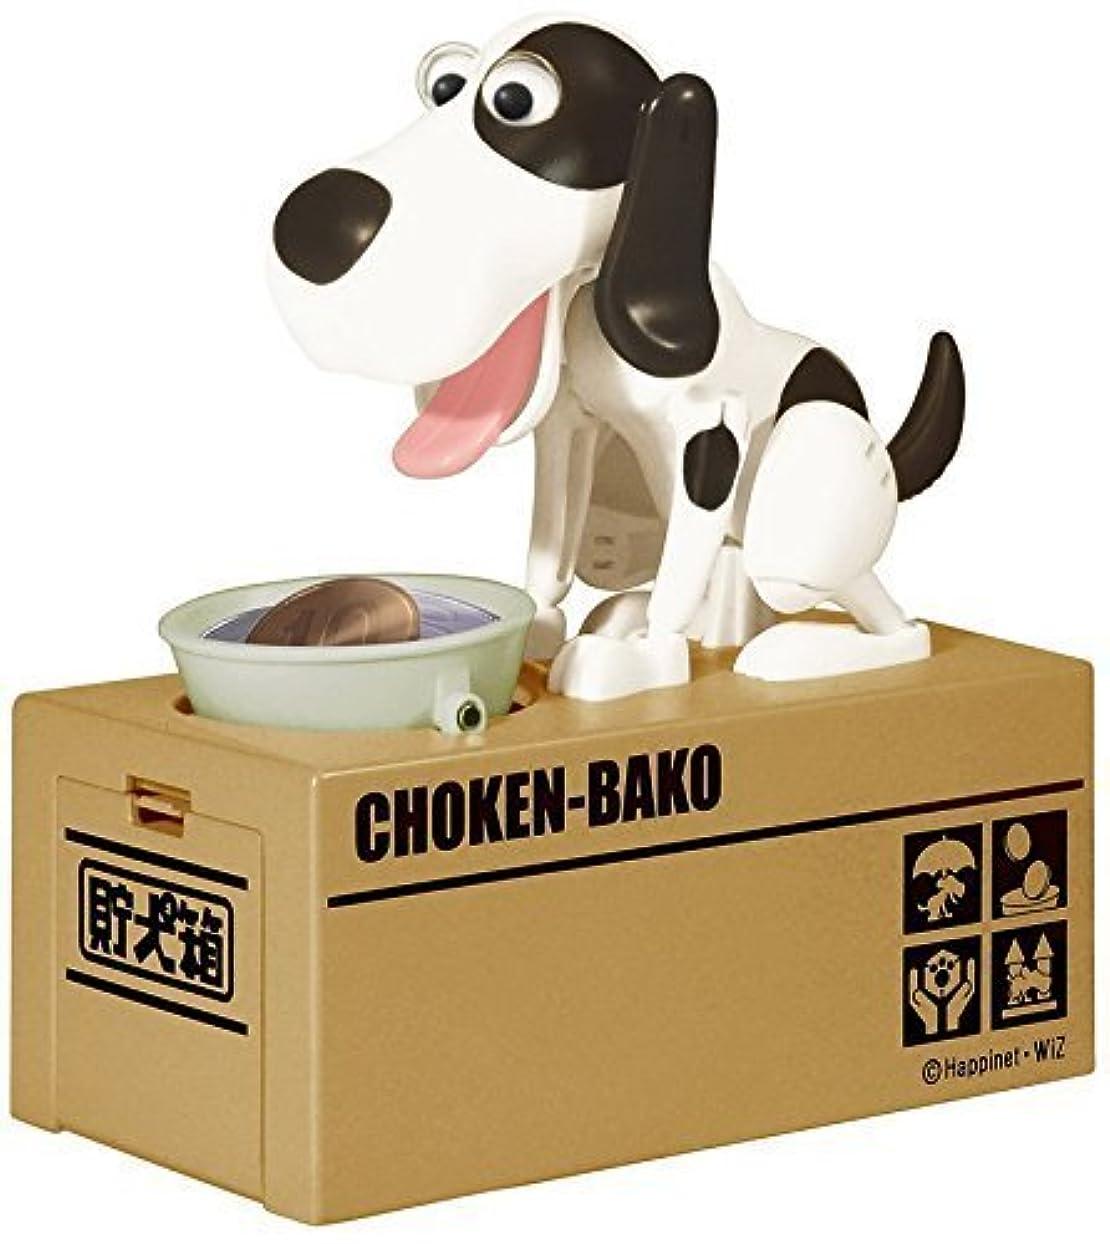 会社薄暗いめったにLiberty Imports My Dog Piggy Bank - Robotic Coin Munching Toy Money Box (Black+White Dog 6.7x5.9 Inch) [並行輸入品]